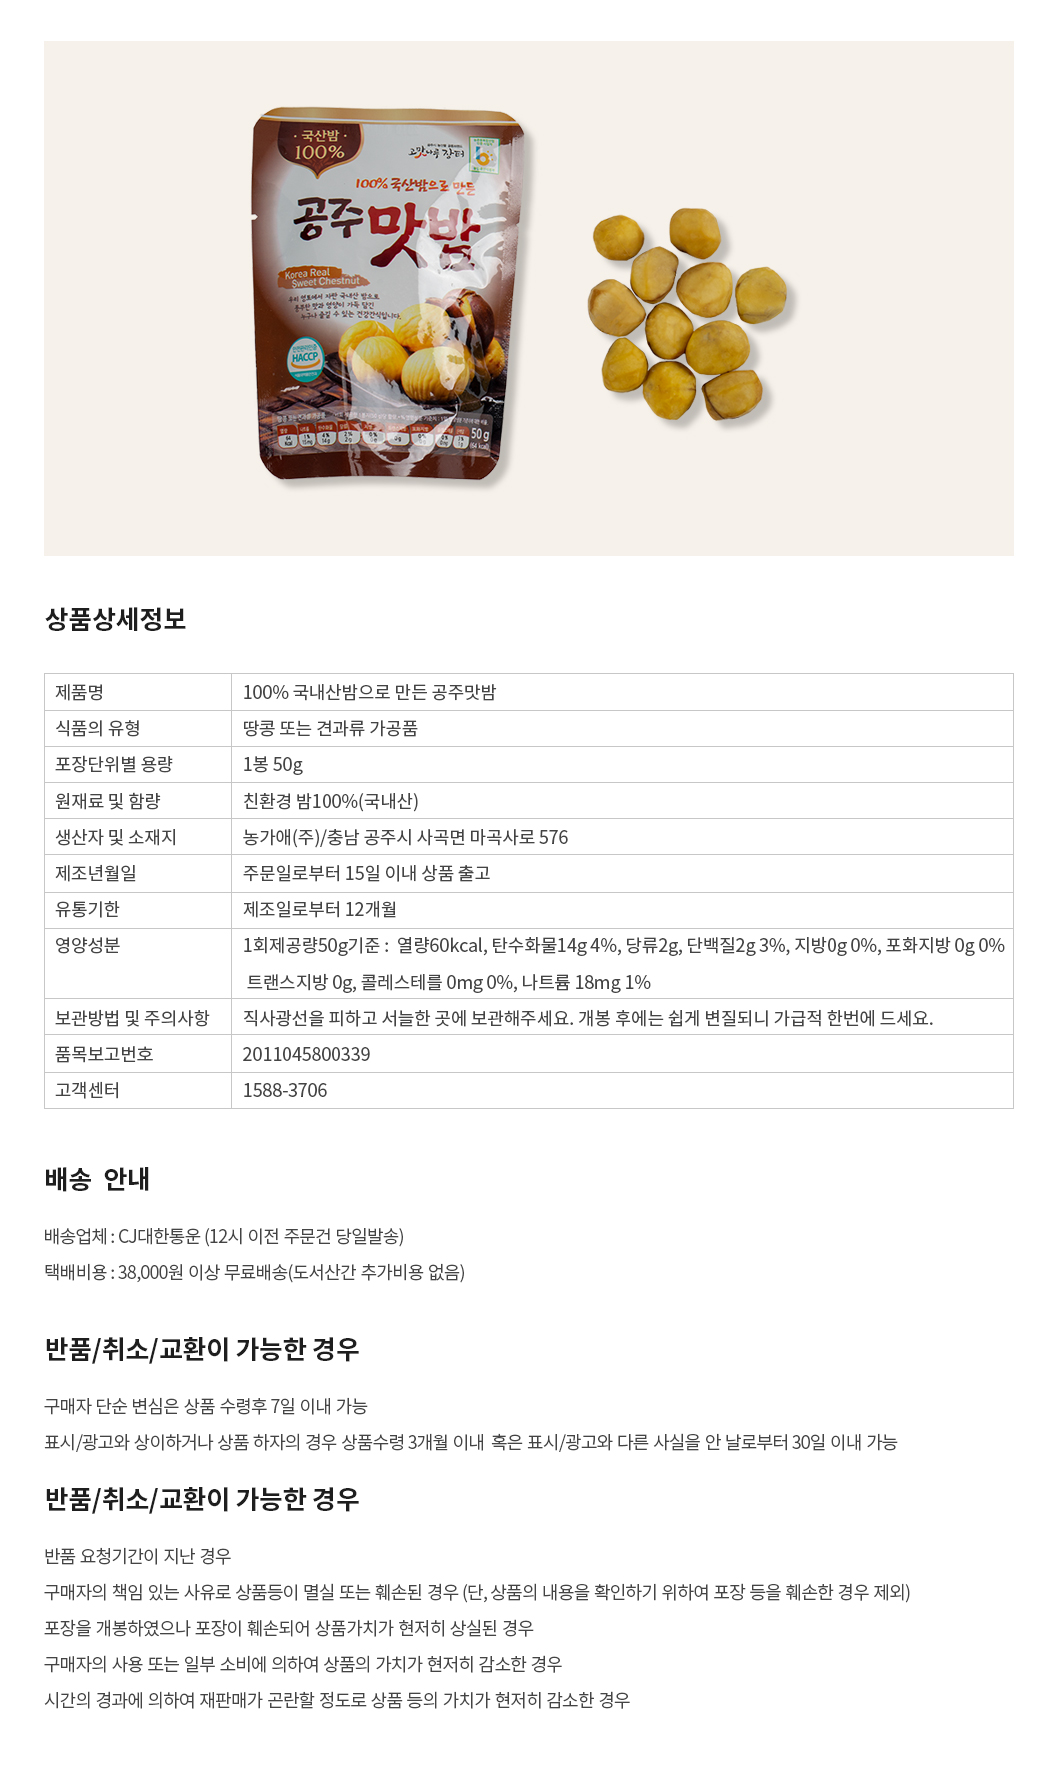 공주맛밤-상품정보.jpg